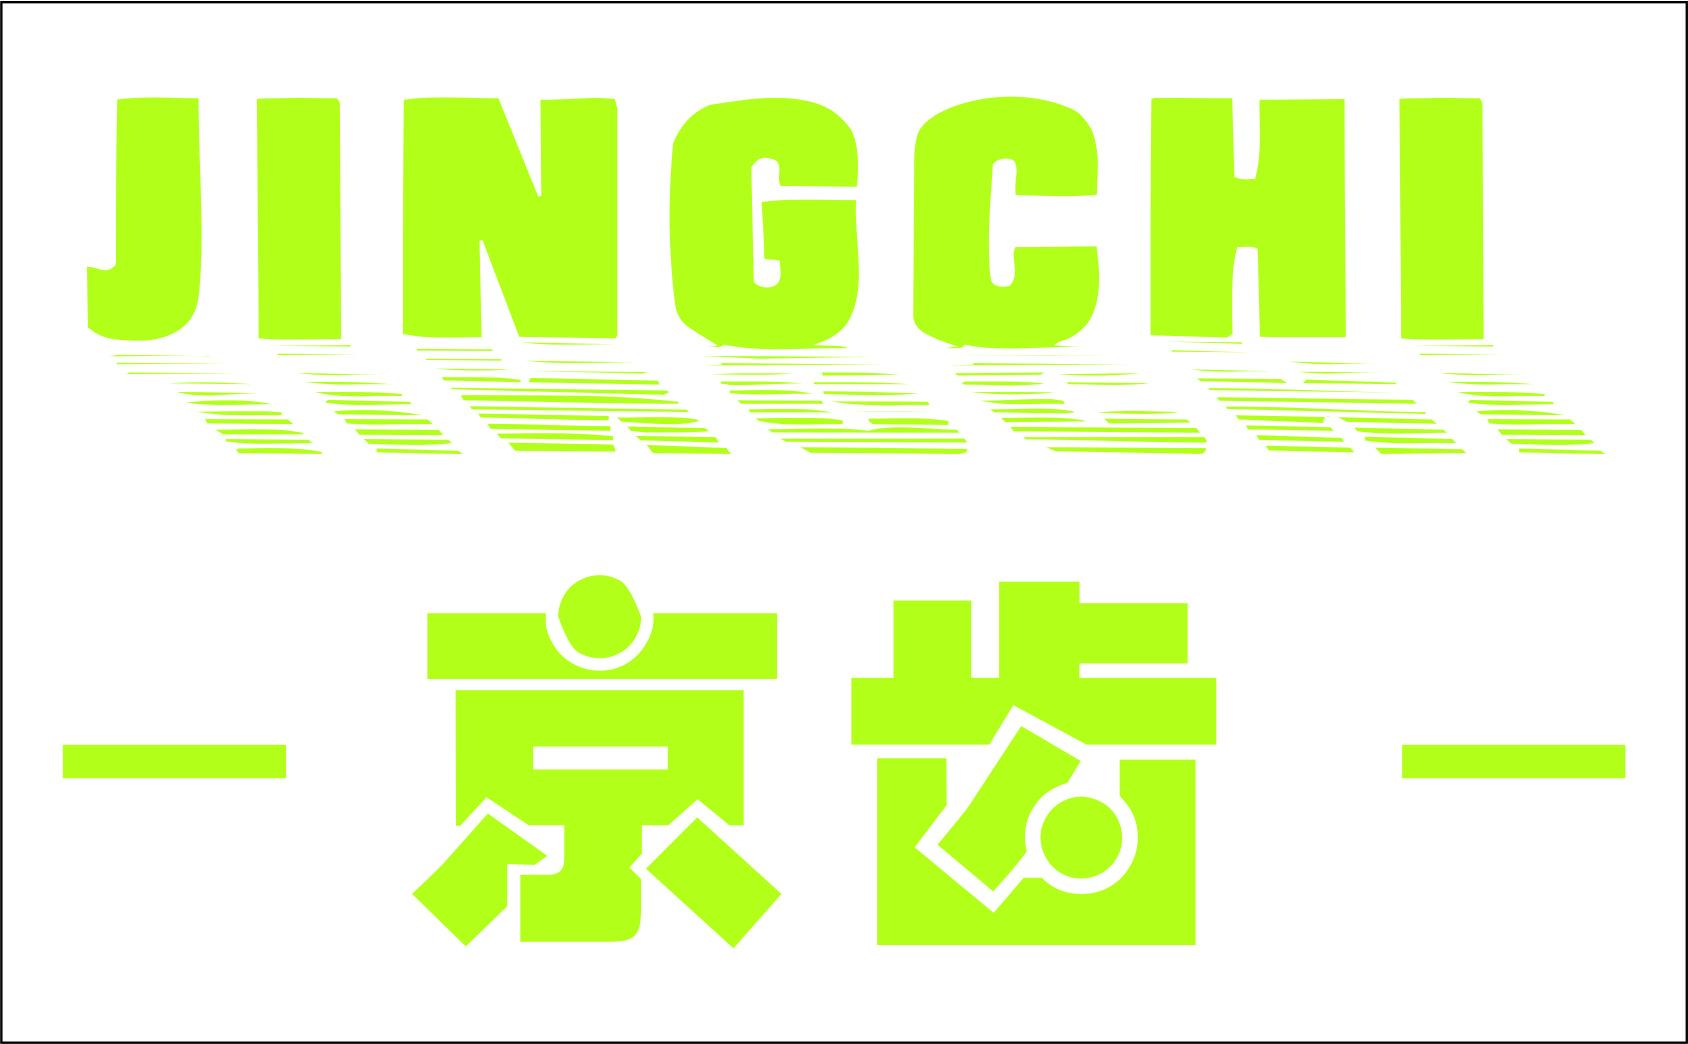 辉腾宏业京齿加工_JINGCHIL齿轮-辉腾宏业北京科技有限公司